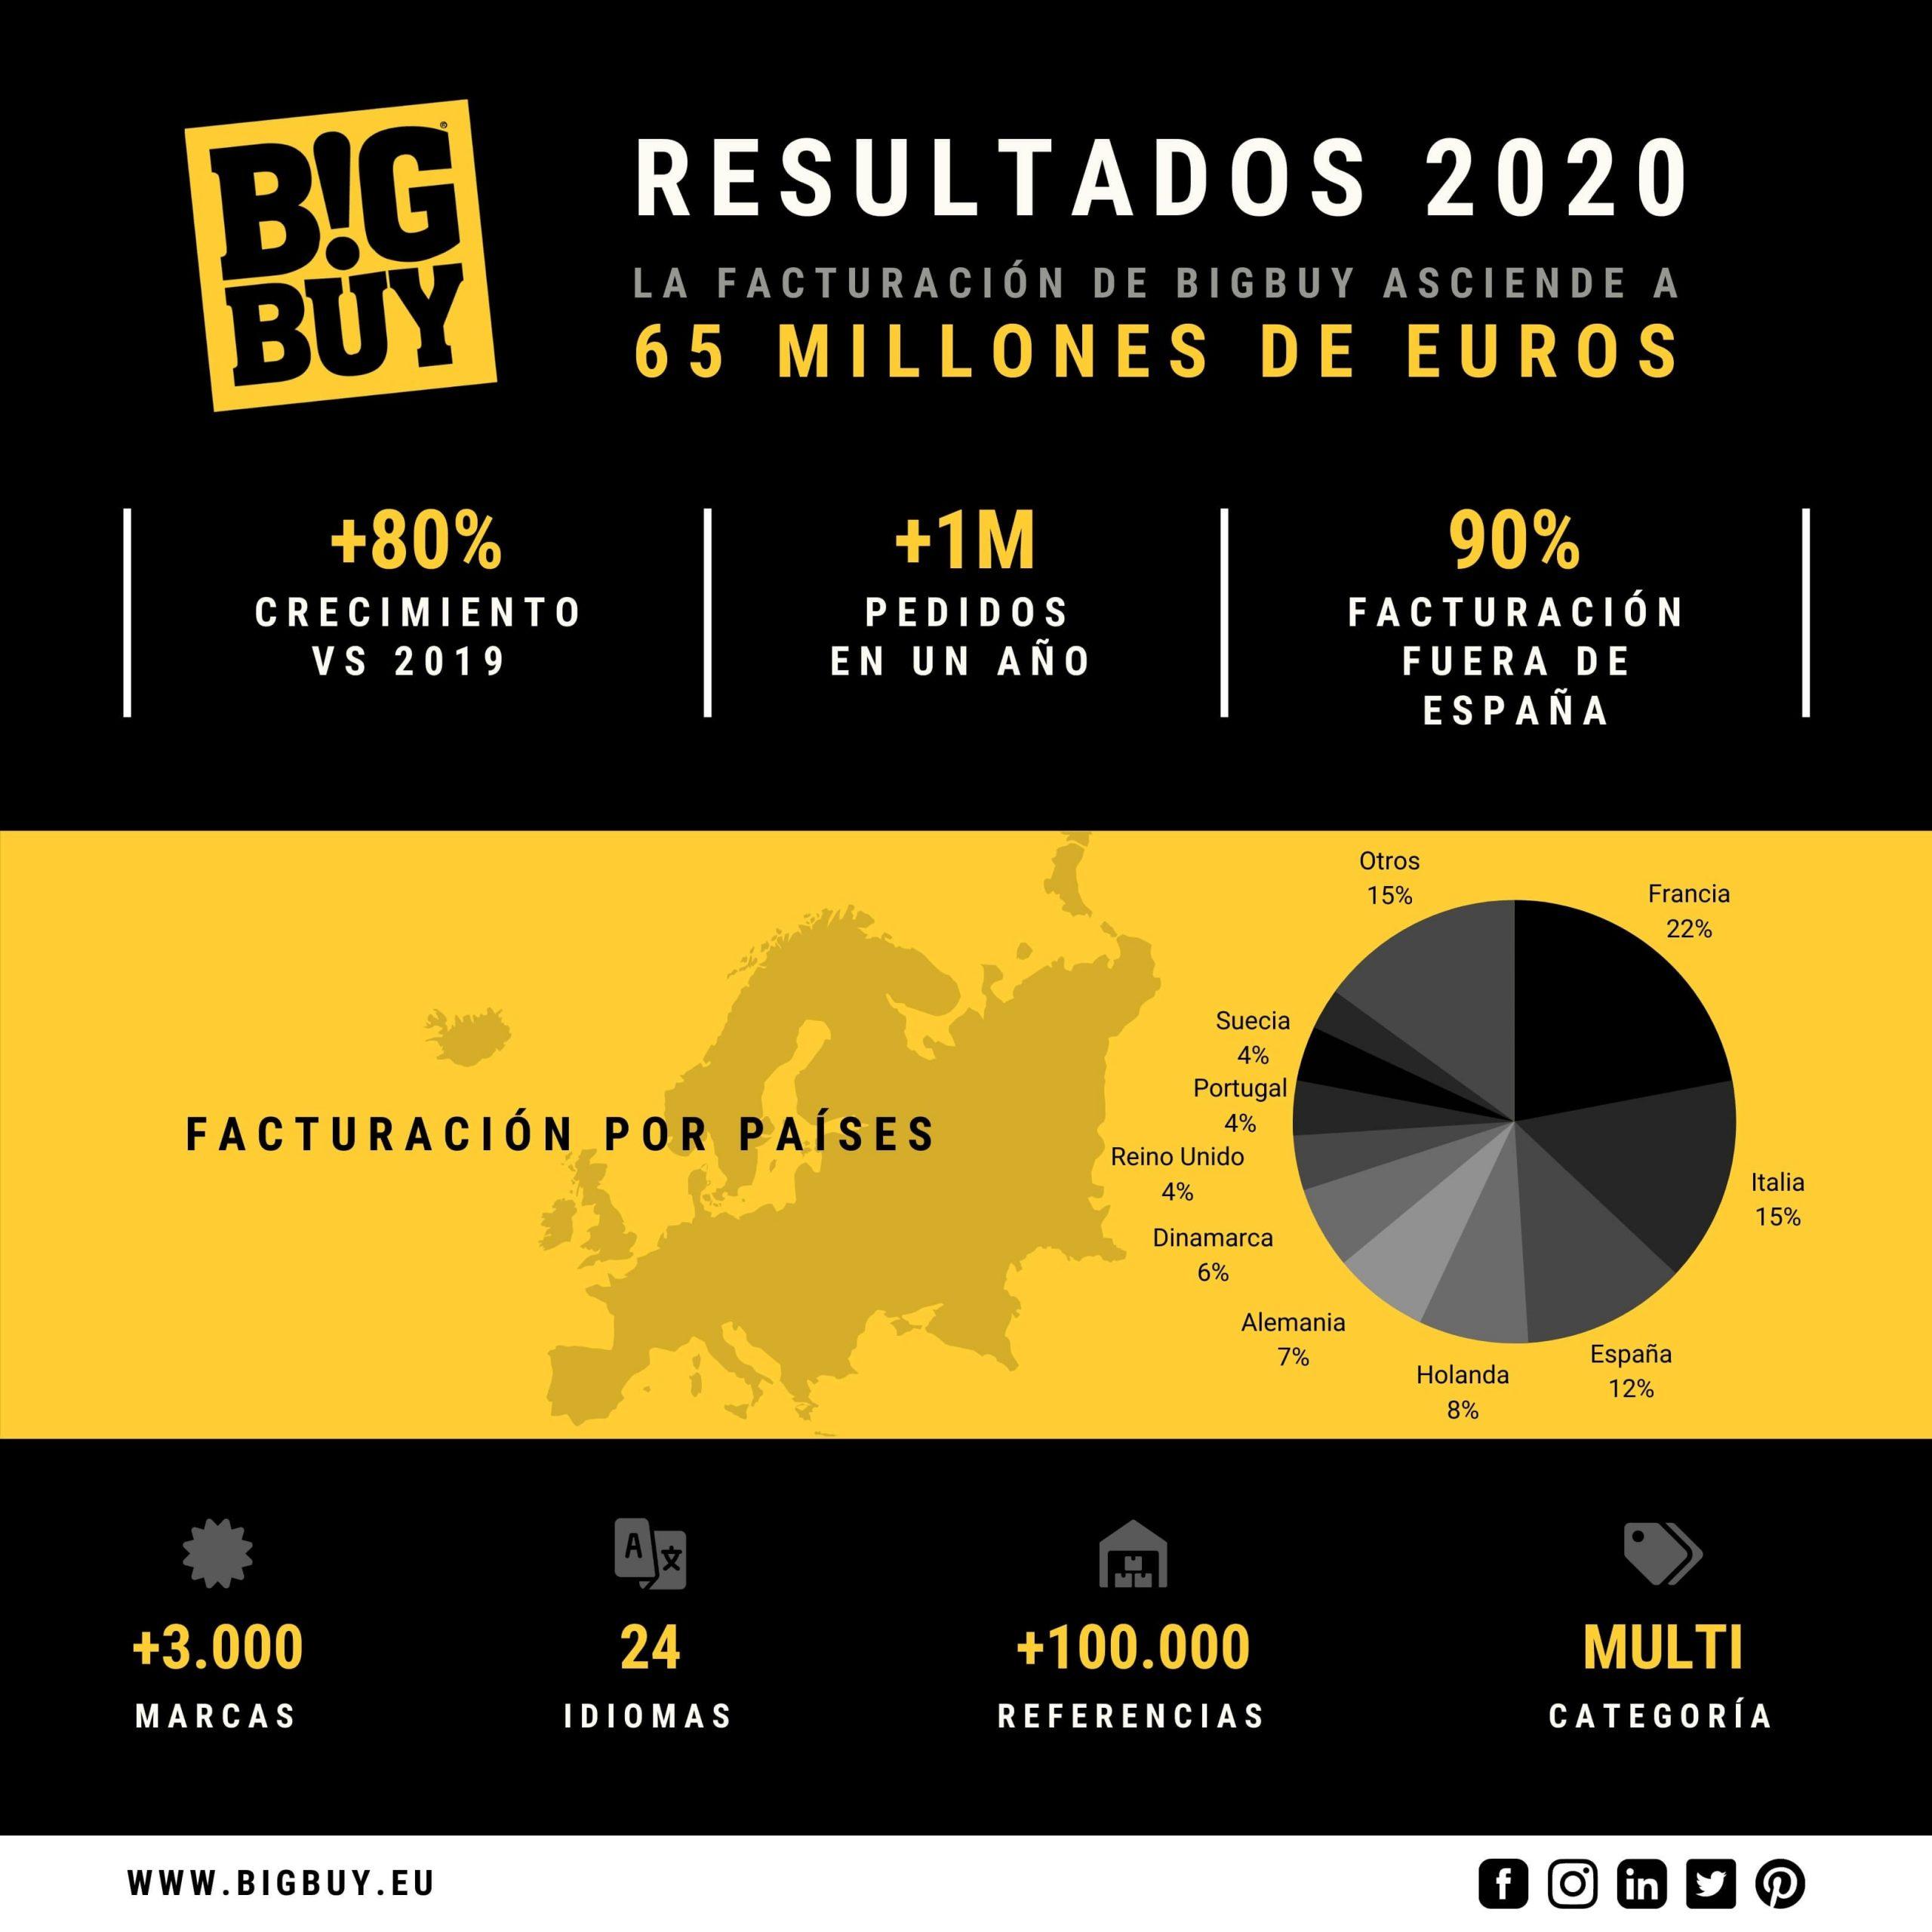 BigBuy cierra 2020 con una facturación de 65 millones de euros y factura el 90% fuera de España